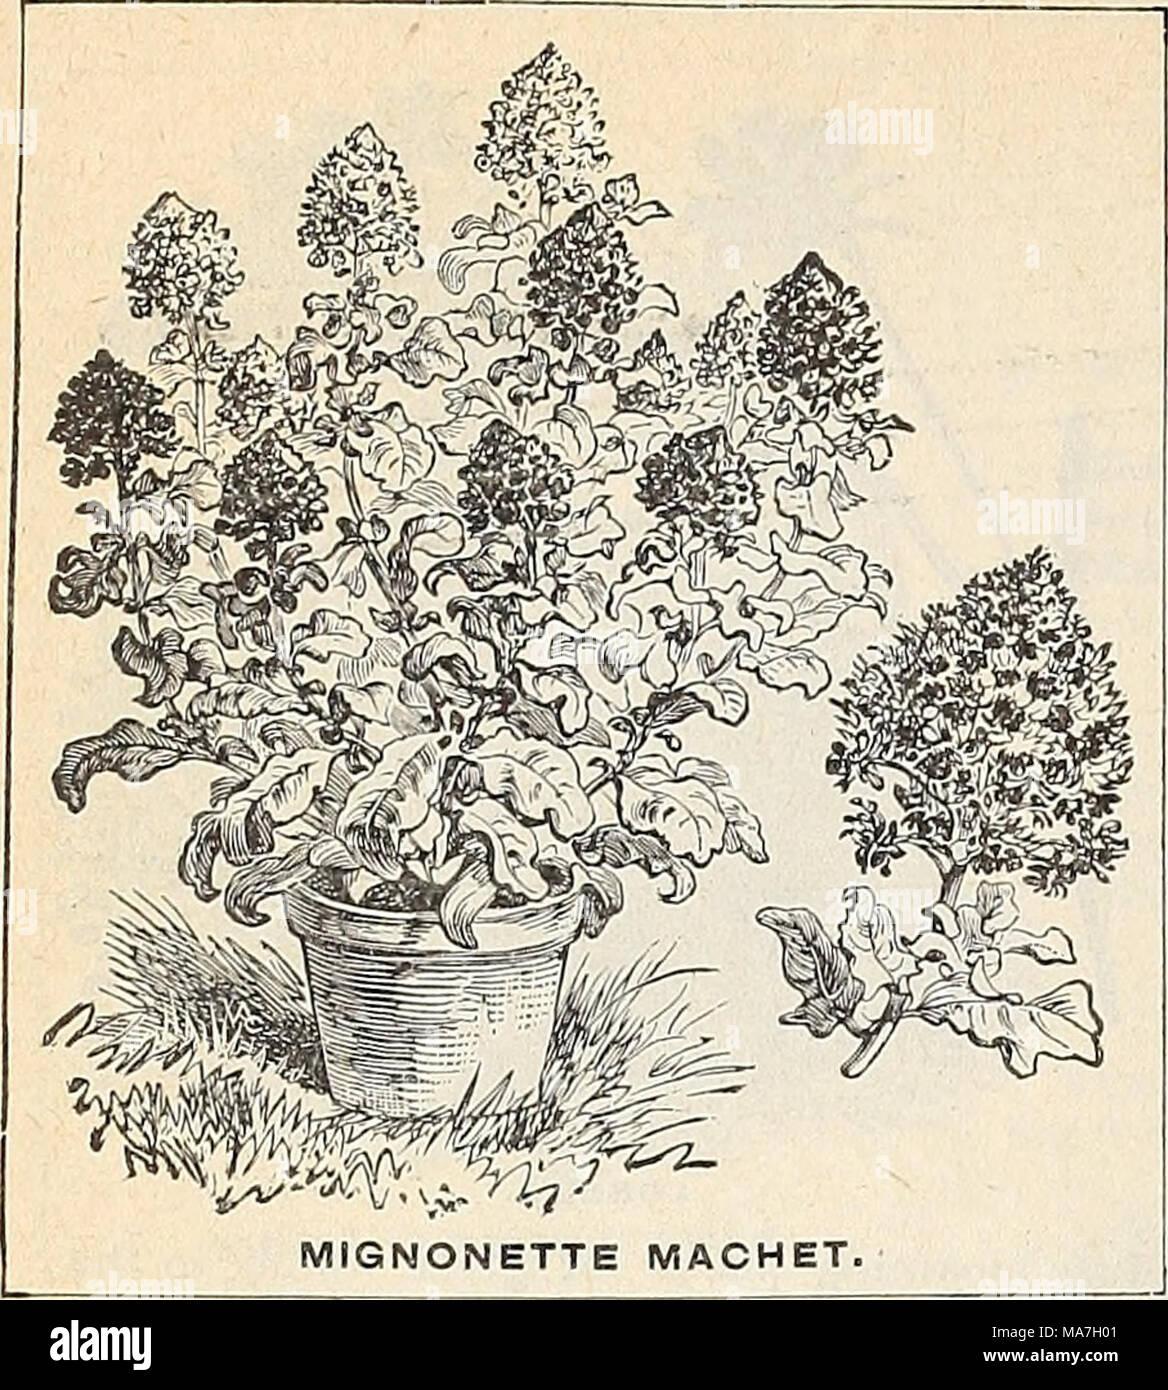 . E. H. Hunt: seedsman . Mignonnette. La mignonnette est un favori universel sur l'ac- compte de son doux et délicat parfum. HA. JVi. Machet. O f pyramidale nain hab- il, épais les tiges de fleurs, se terminant dans spikesof larges fleurs rouge très parfumé. La meilleure variété pour pot cul- ture - Parsons blanc. Une forte croissance, flow- ers grande, presque blanc - Golden Queen. Or fleurs vel- faible. Pyramide dense- al'habitude - spirale hybride. Une très forte croissance, la production de fleur Photo Stock